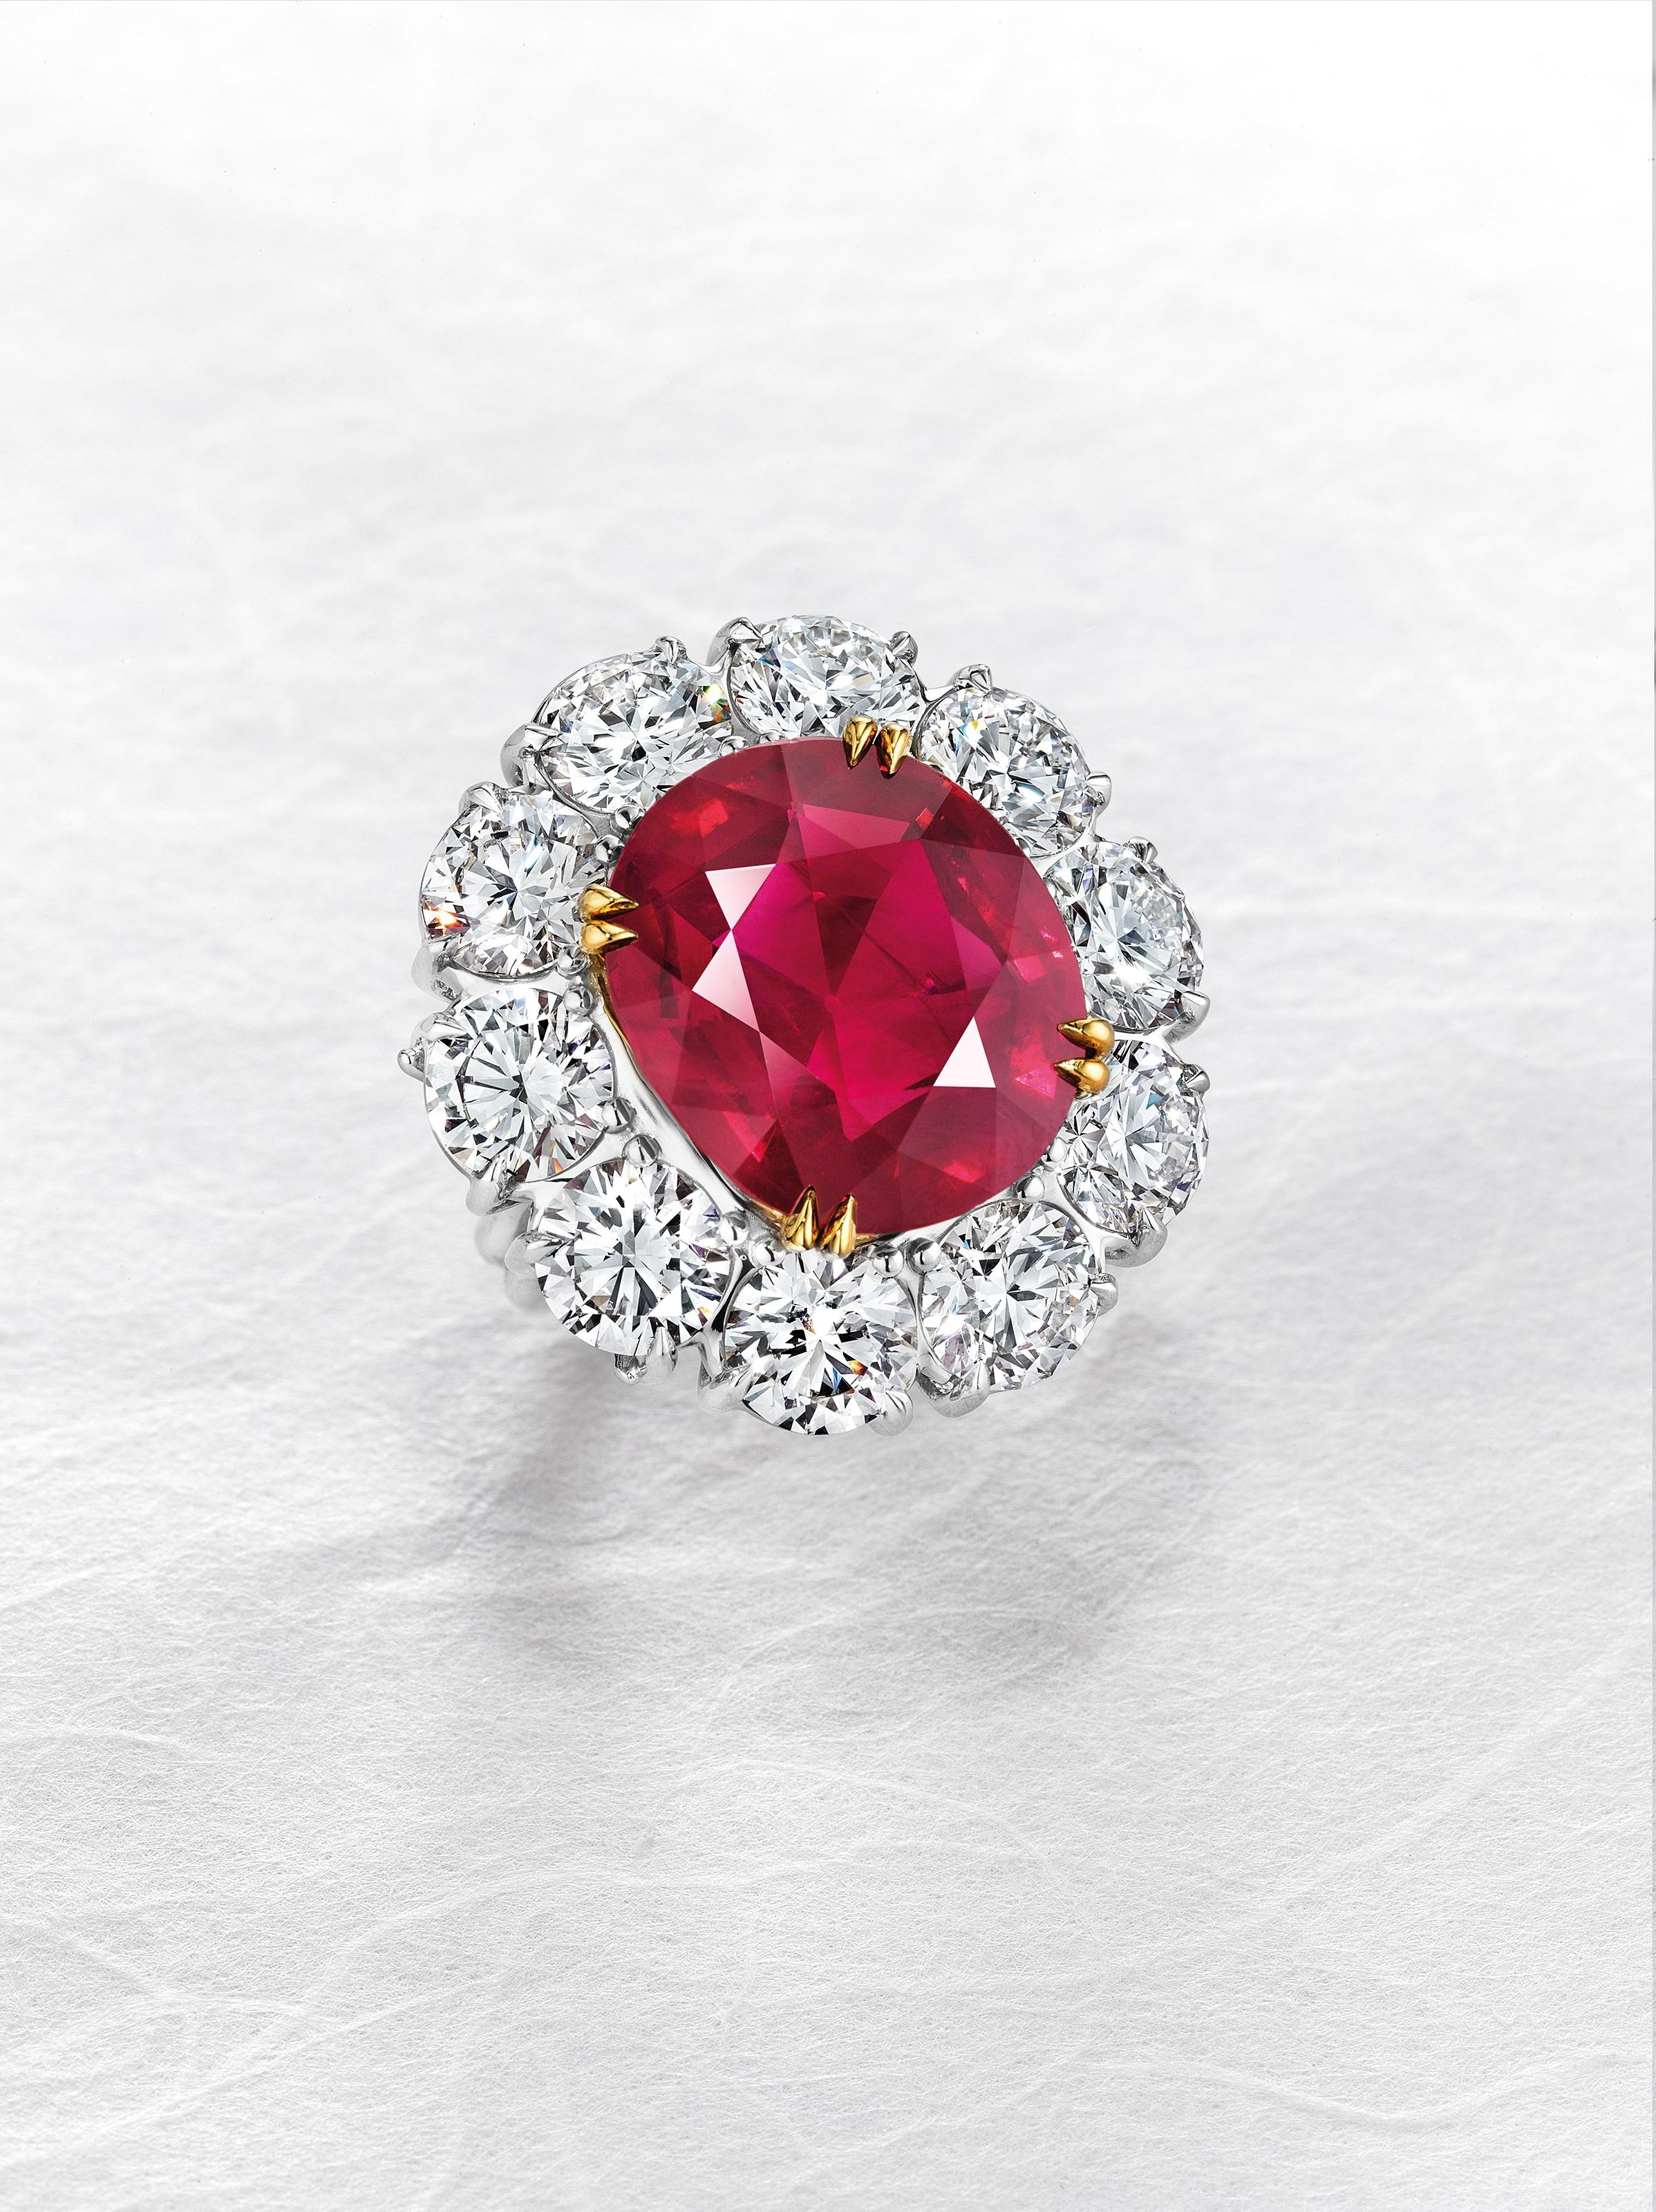 红宝石钻石戒指。2017年5月17日在佳士得日内瓦以12,751,500瑞郎成交。